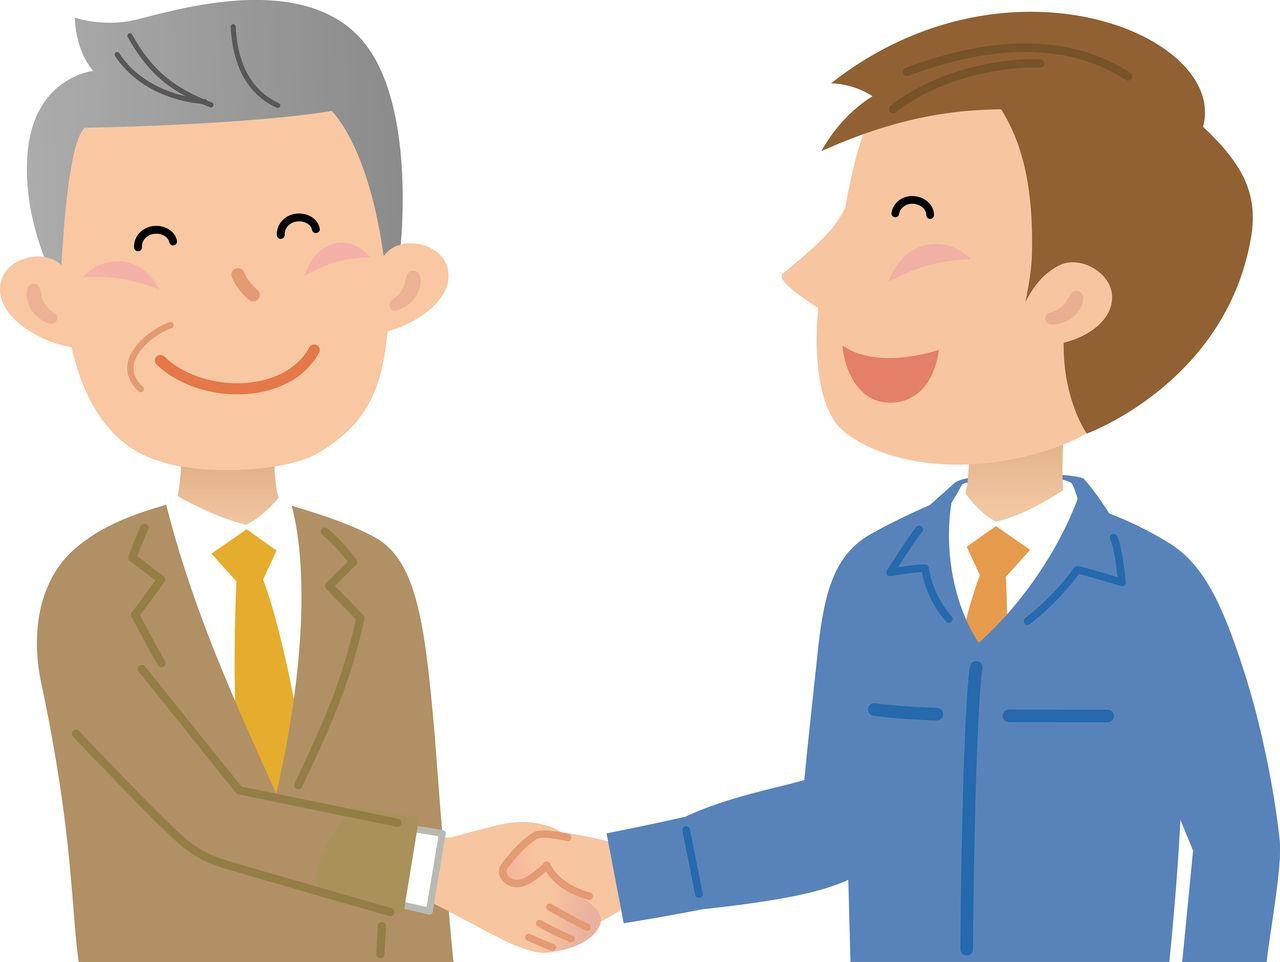 不動産会社とオーナー様との契約には、管理契約と媒介契約があります。